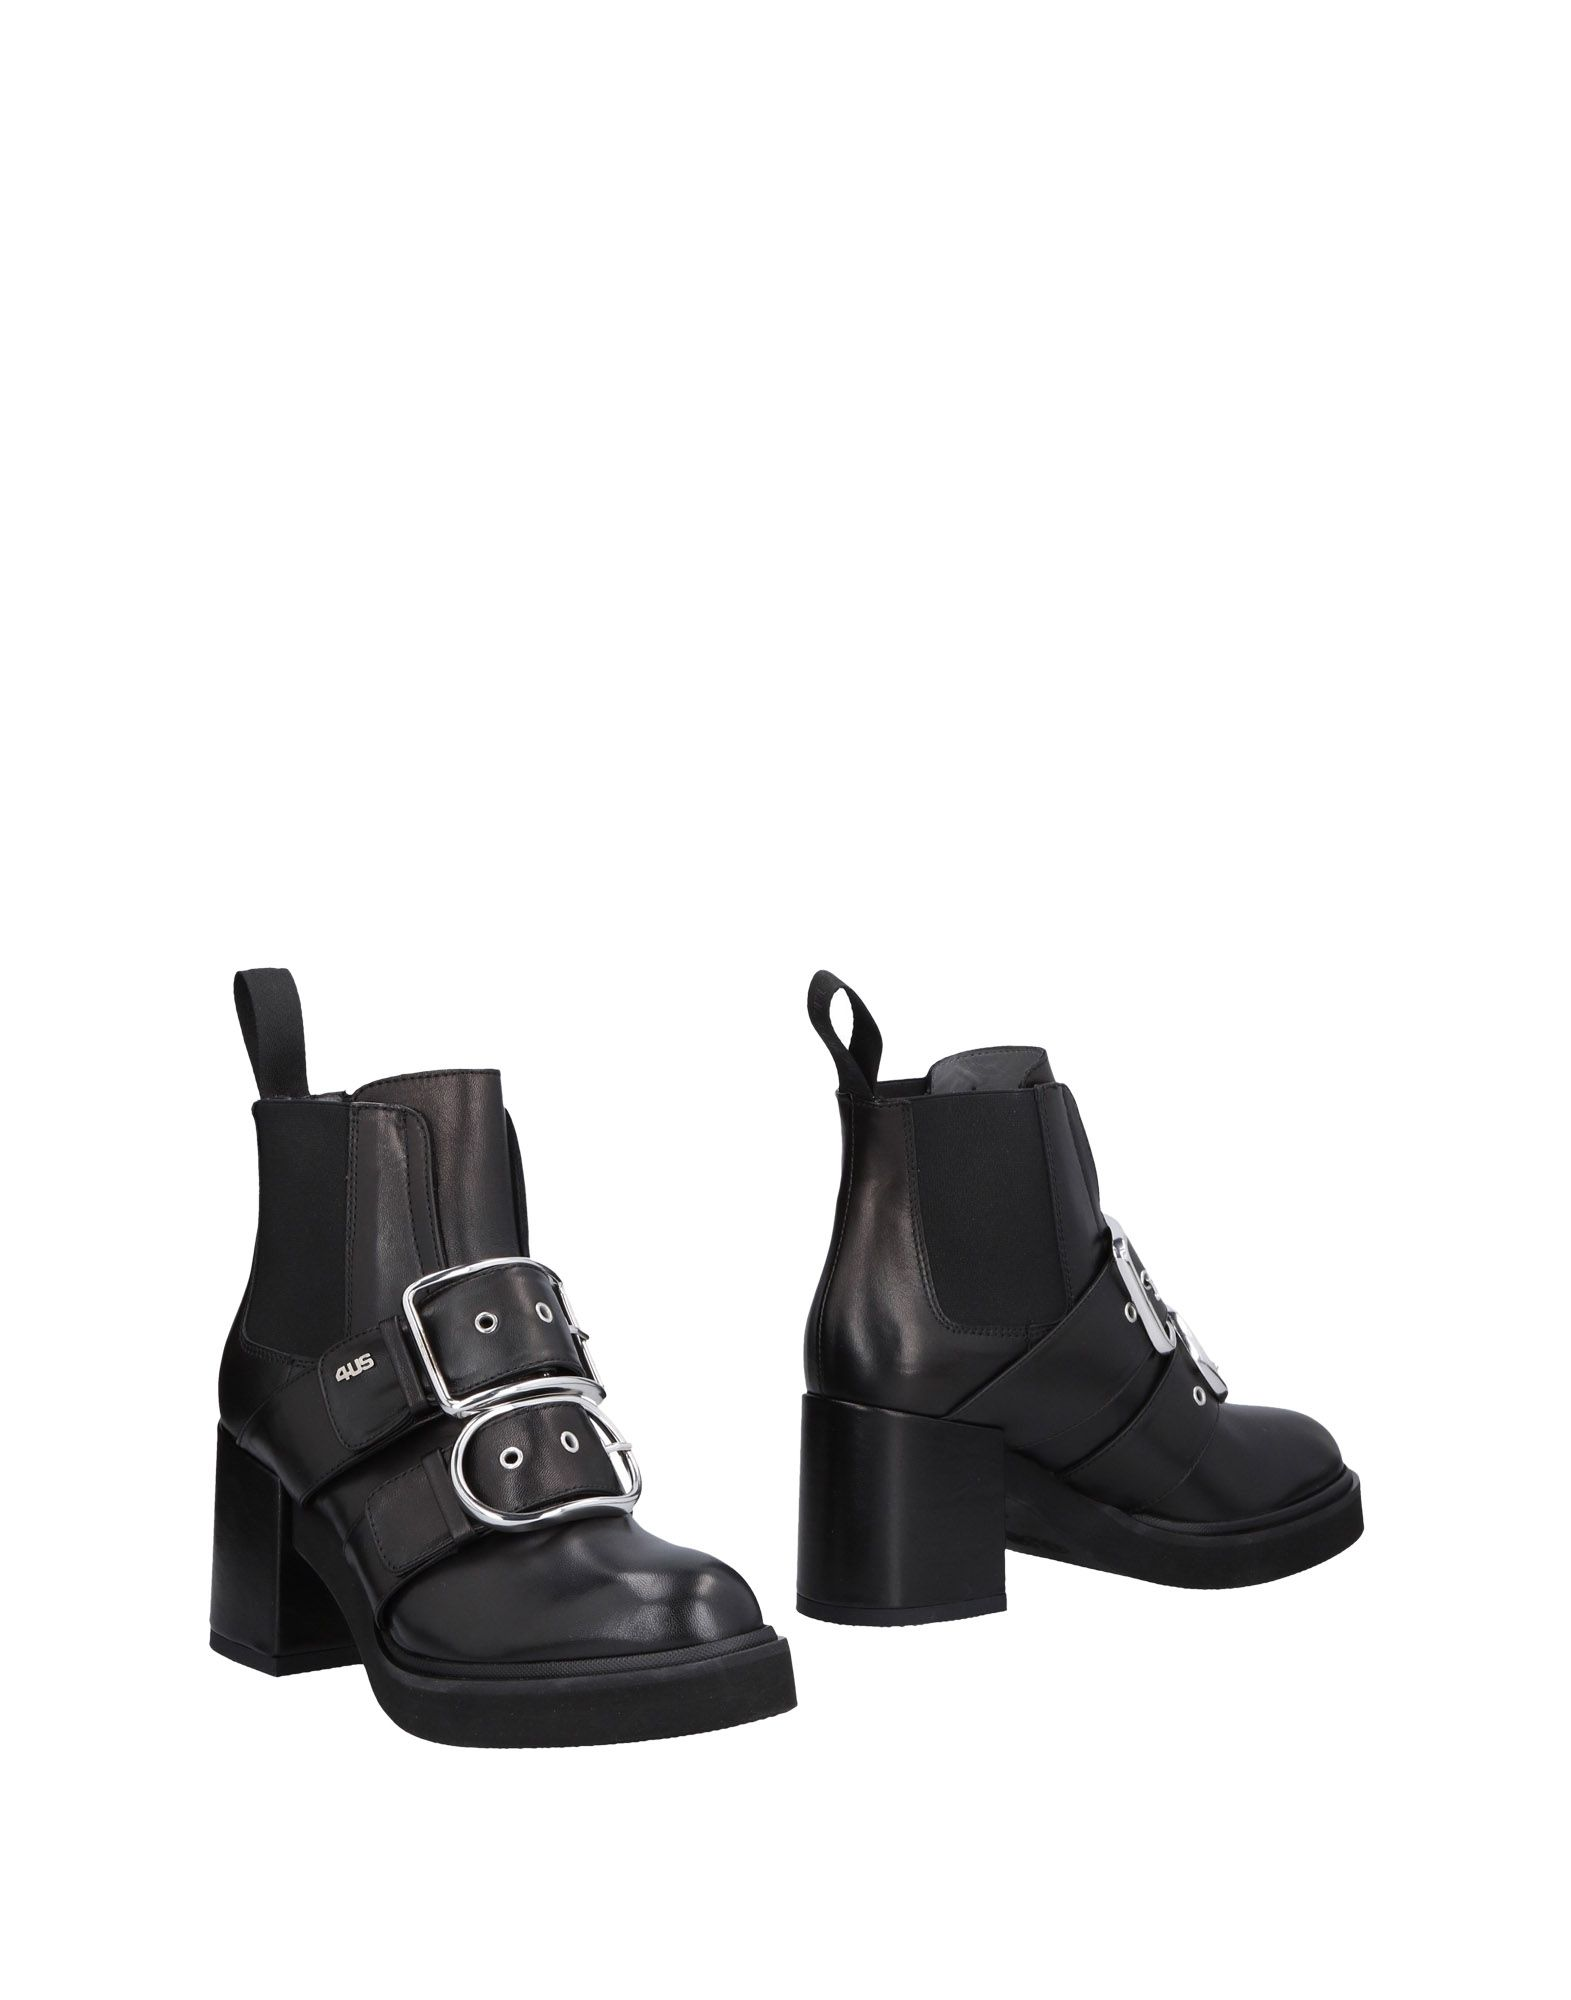 Cesare Damen Paciotti 4Us Chelsea Boots Damen Cesare  11471174IHGut aussehende strapazierfähige Schuhe aba19c